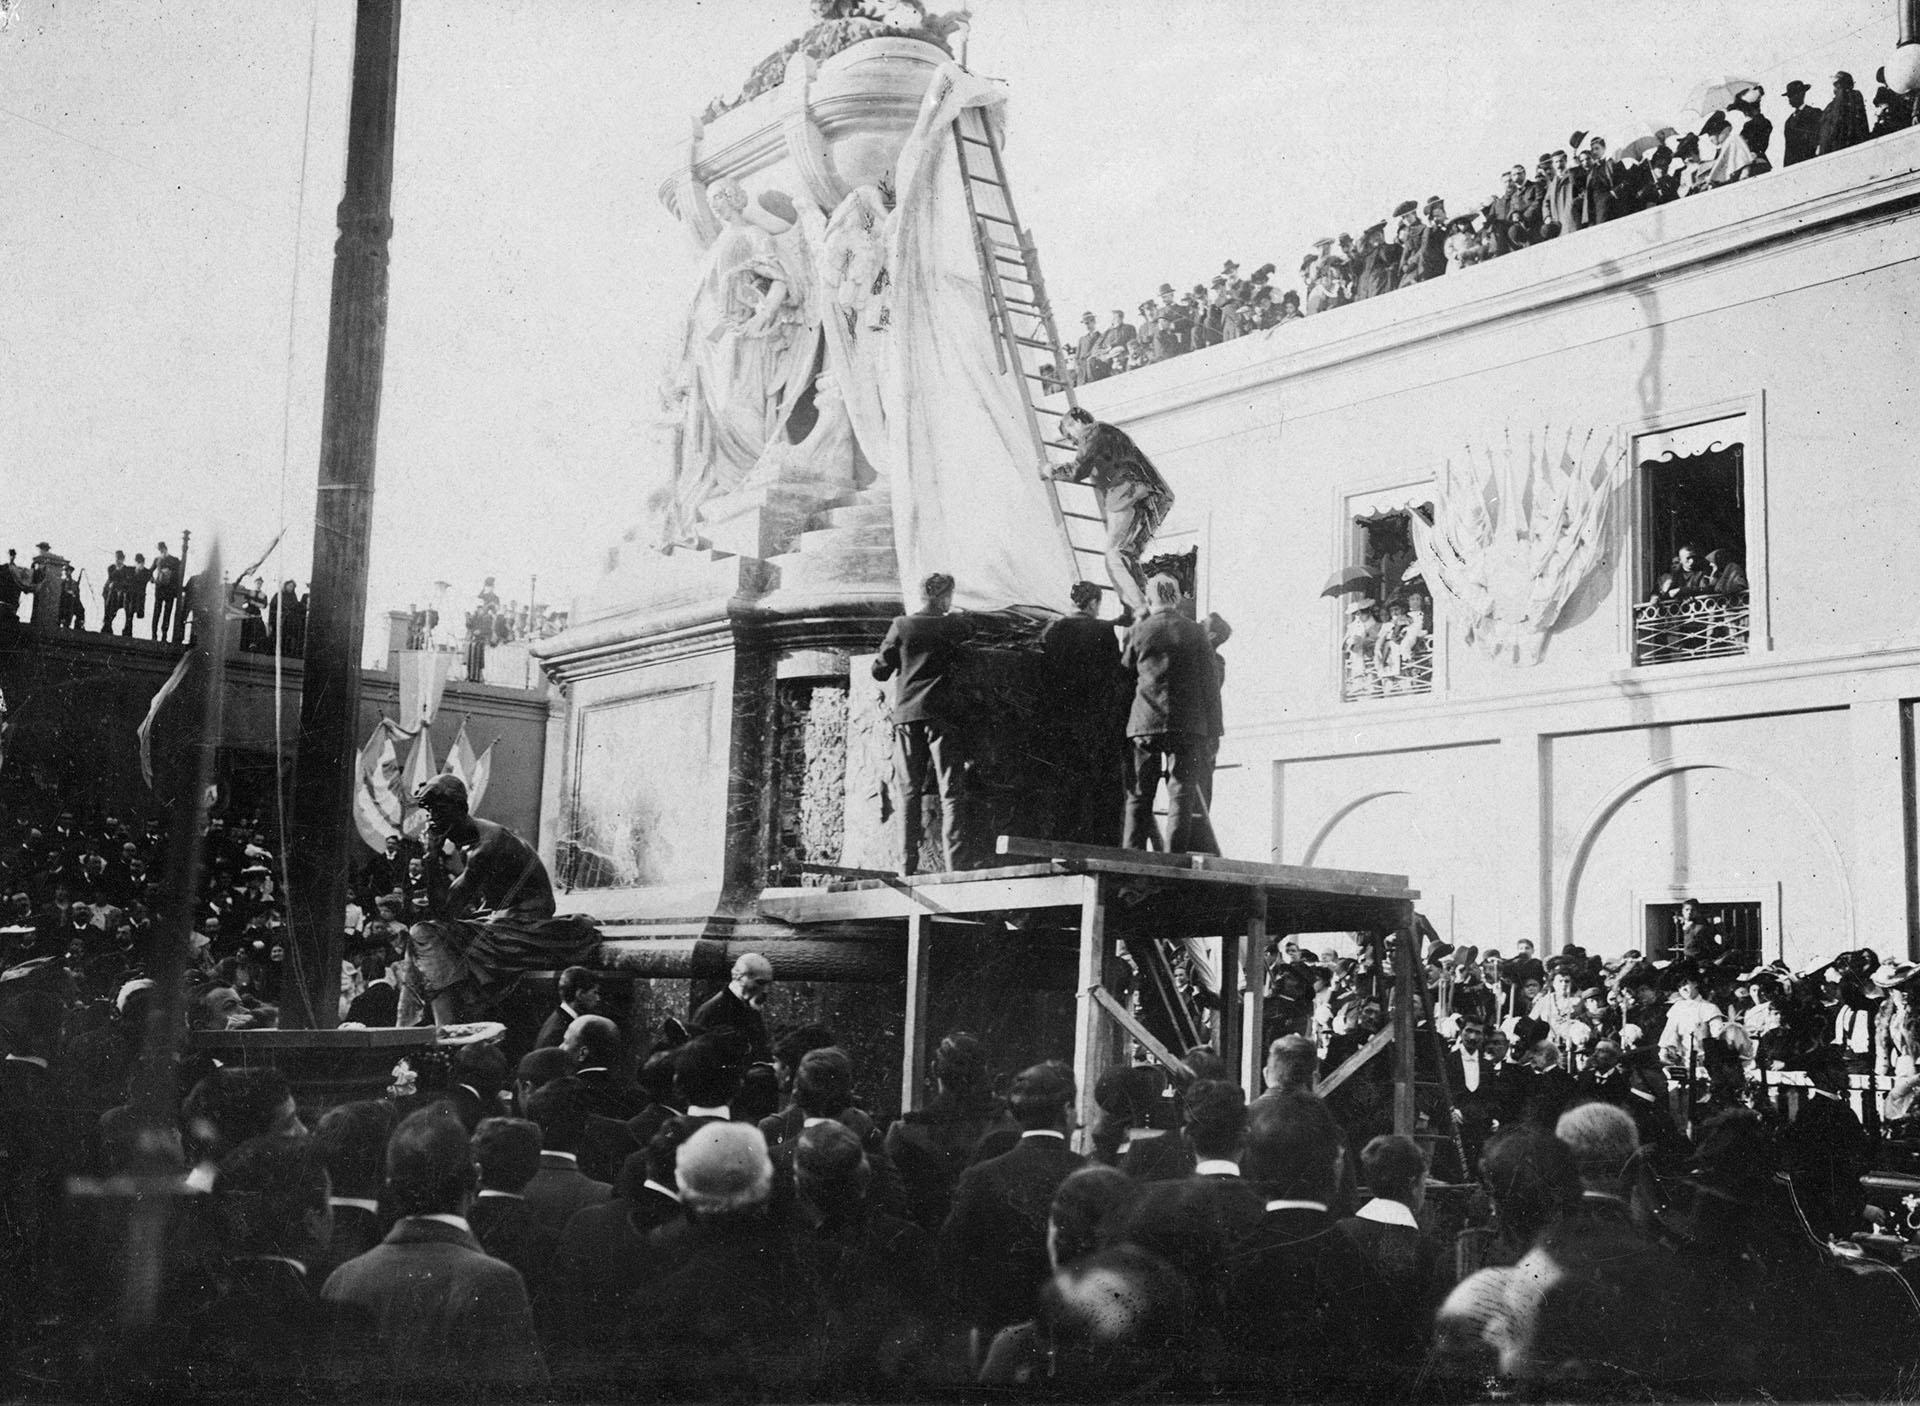 Otro momento de la inauguración del Mausoleo de Manuel Belgrano en el atrio del Convento de Santo Domingo, el 20 de junio de 1903 (Archivo General de la Nación)